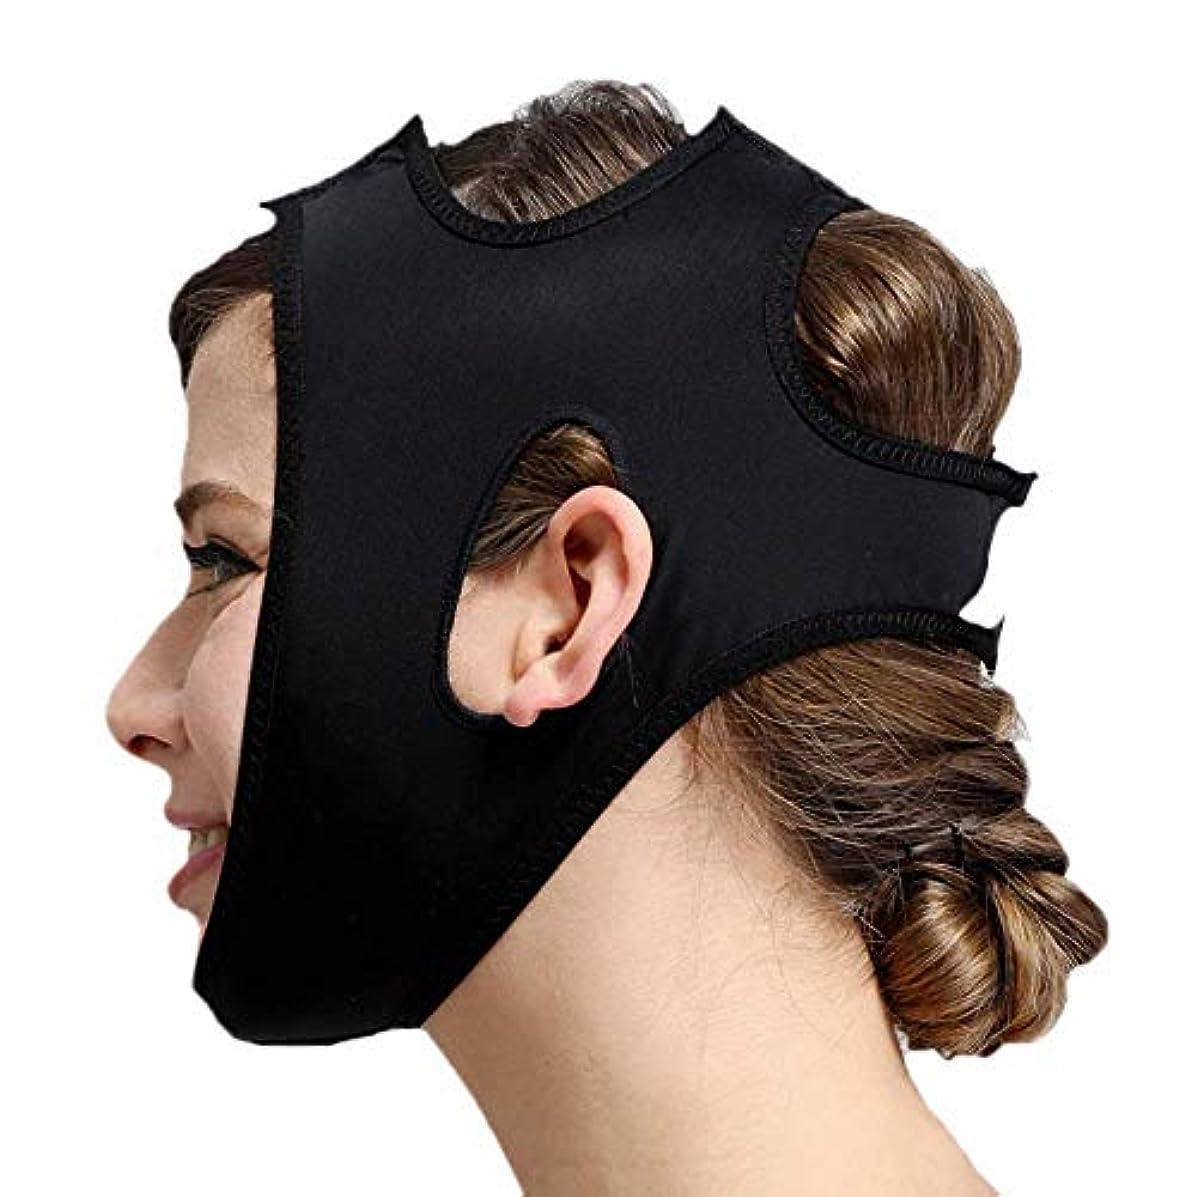 無駄なスキム裁量フェイススリミングマスク、快適さと通気性、フェイシャルリフティング、輪郭の改善された硬さ、ファーミングとリフティングフェイス(カラー:ブラック、サイズ:XL),黒、S